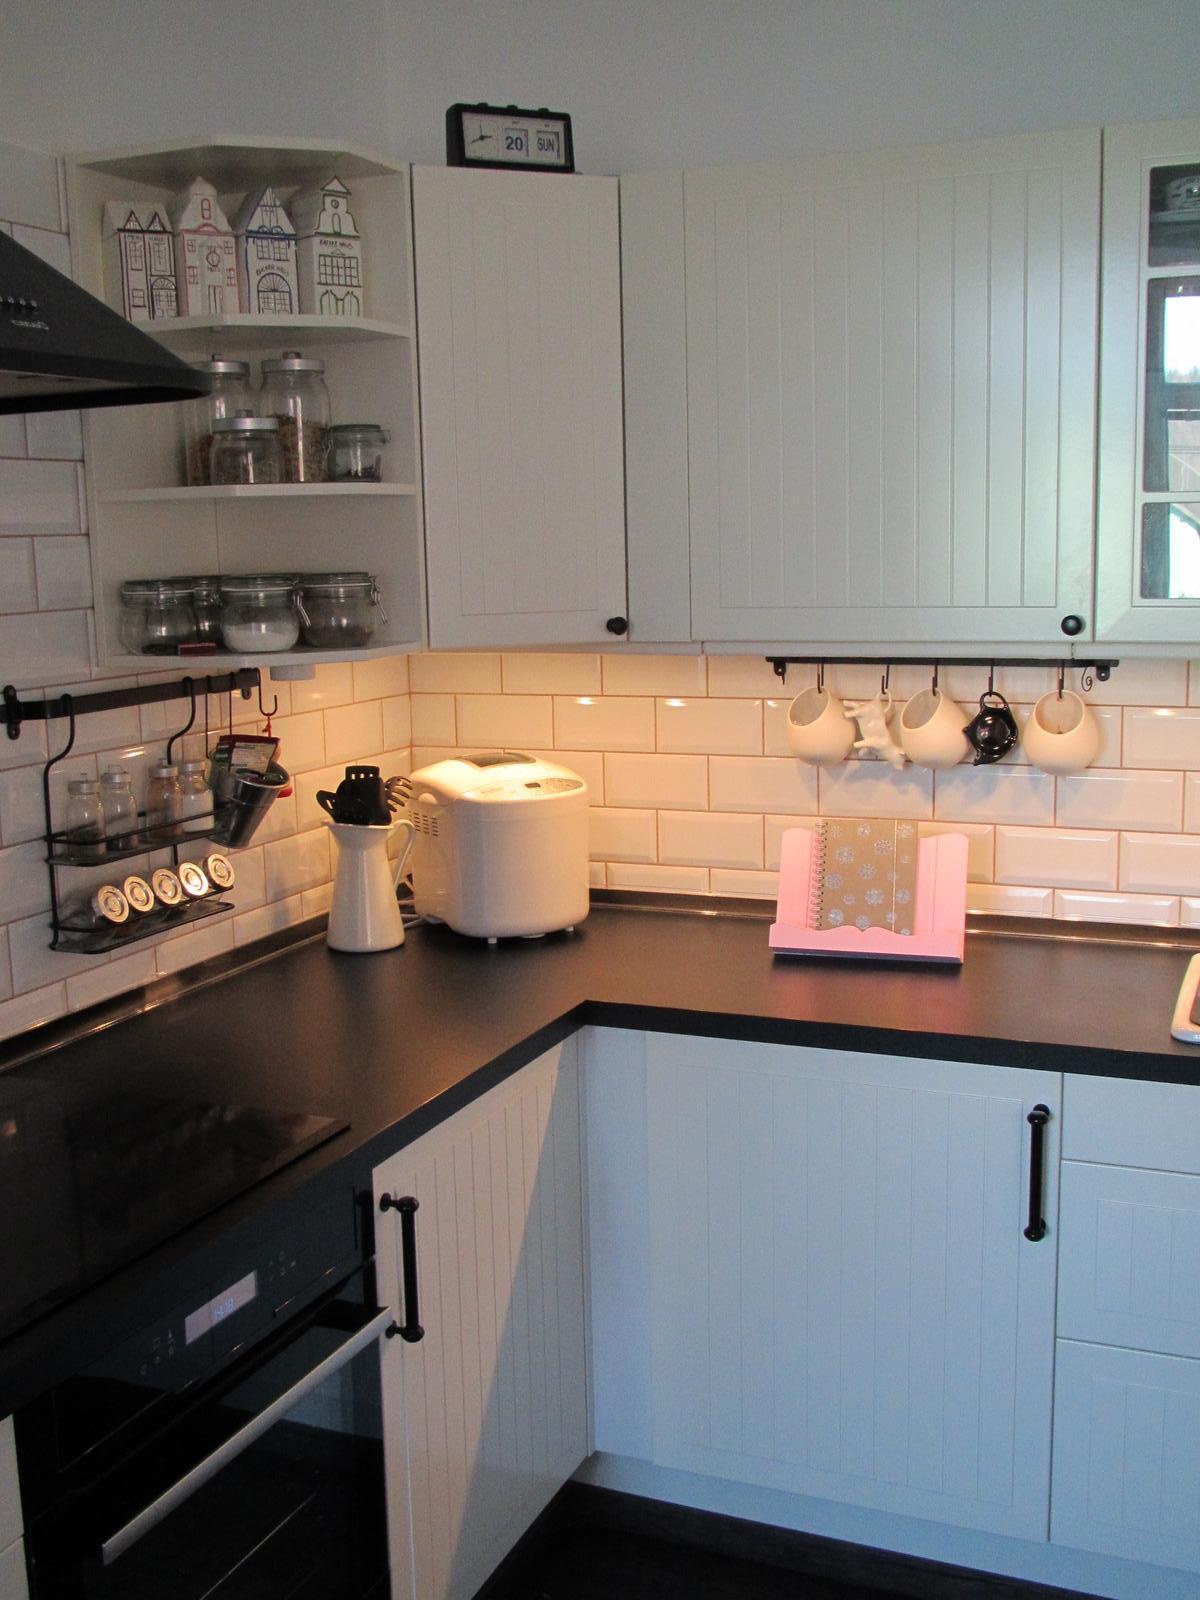 U nás... - V Kiku jsem koupila šedý stojánek na kuchařku a přetřela si ho na růžovo... aby mi ladil :-)